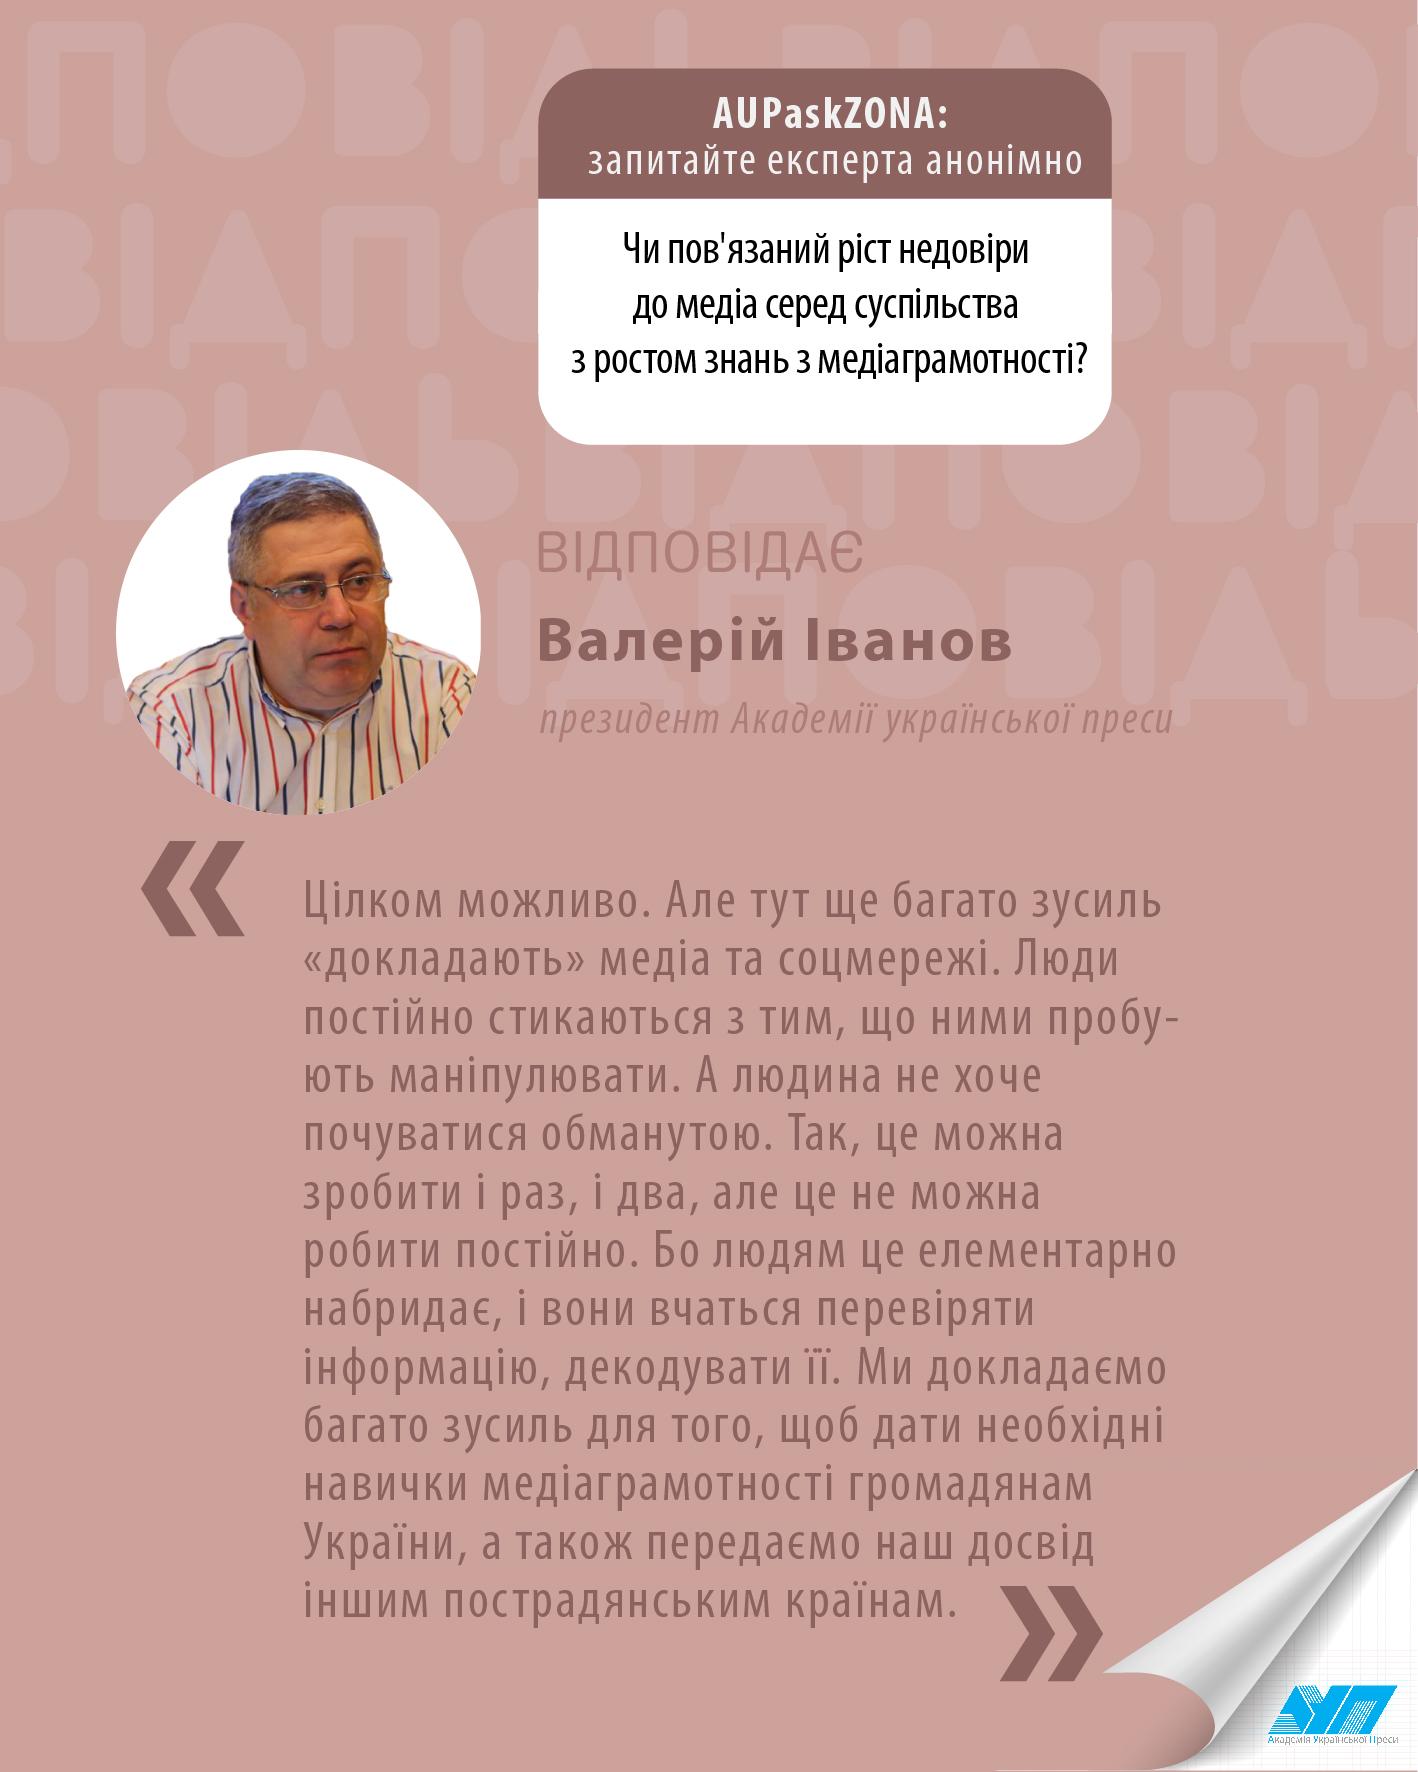 Ask_Zona_IVANOV_VF_5